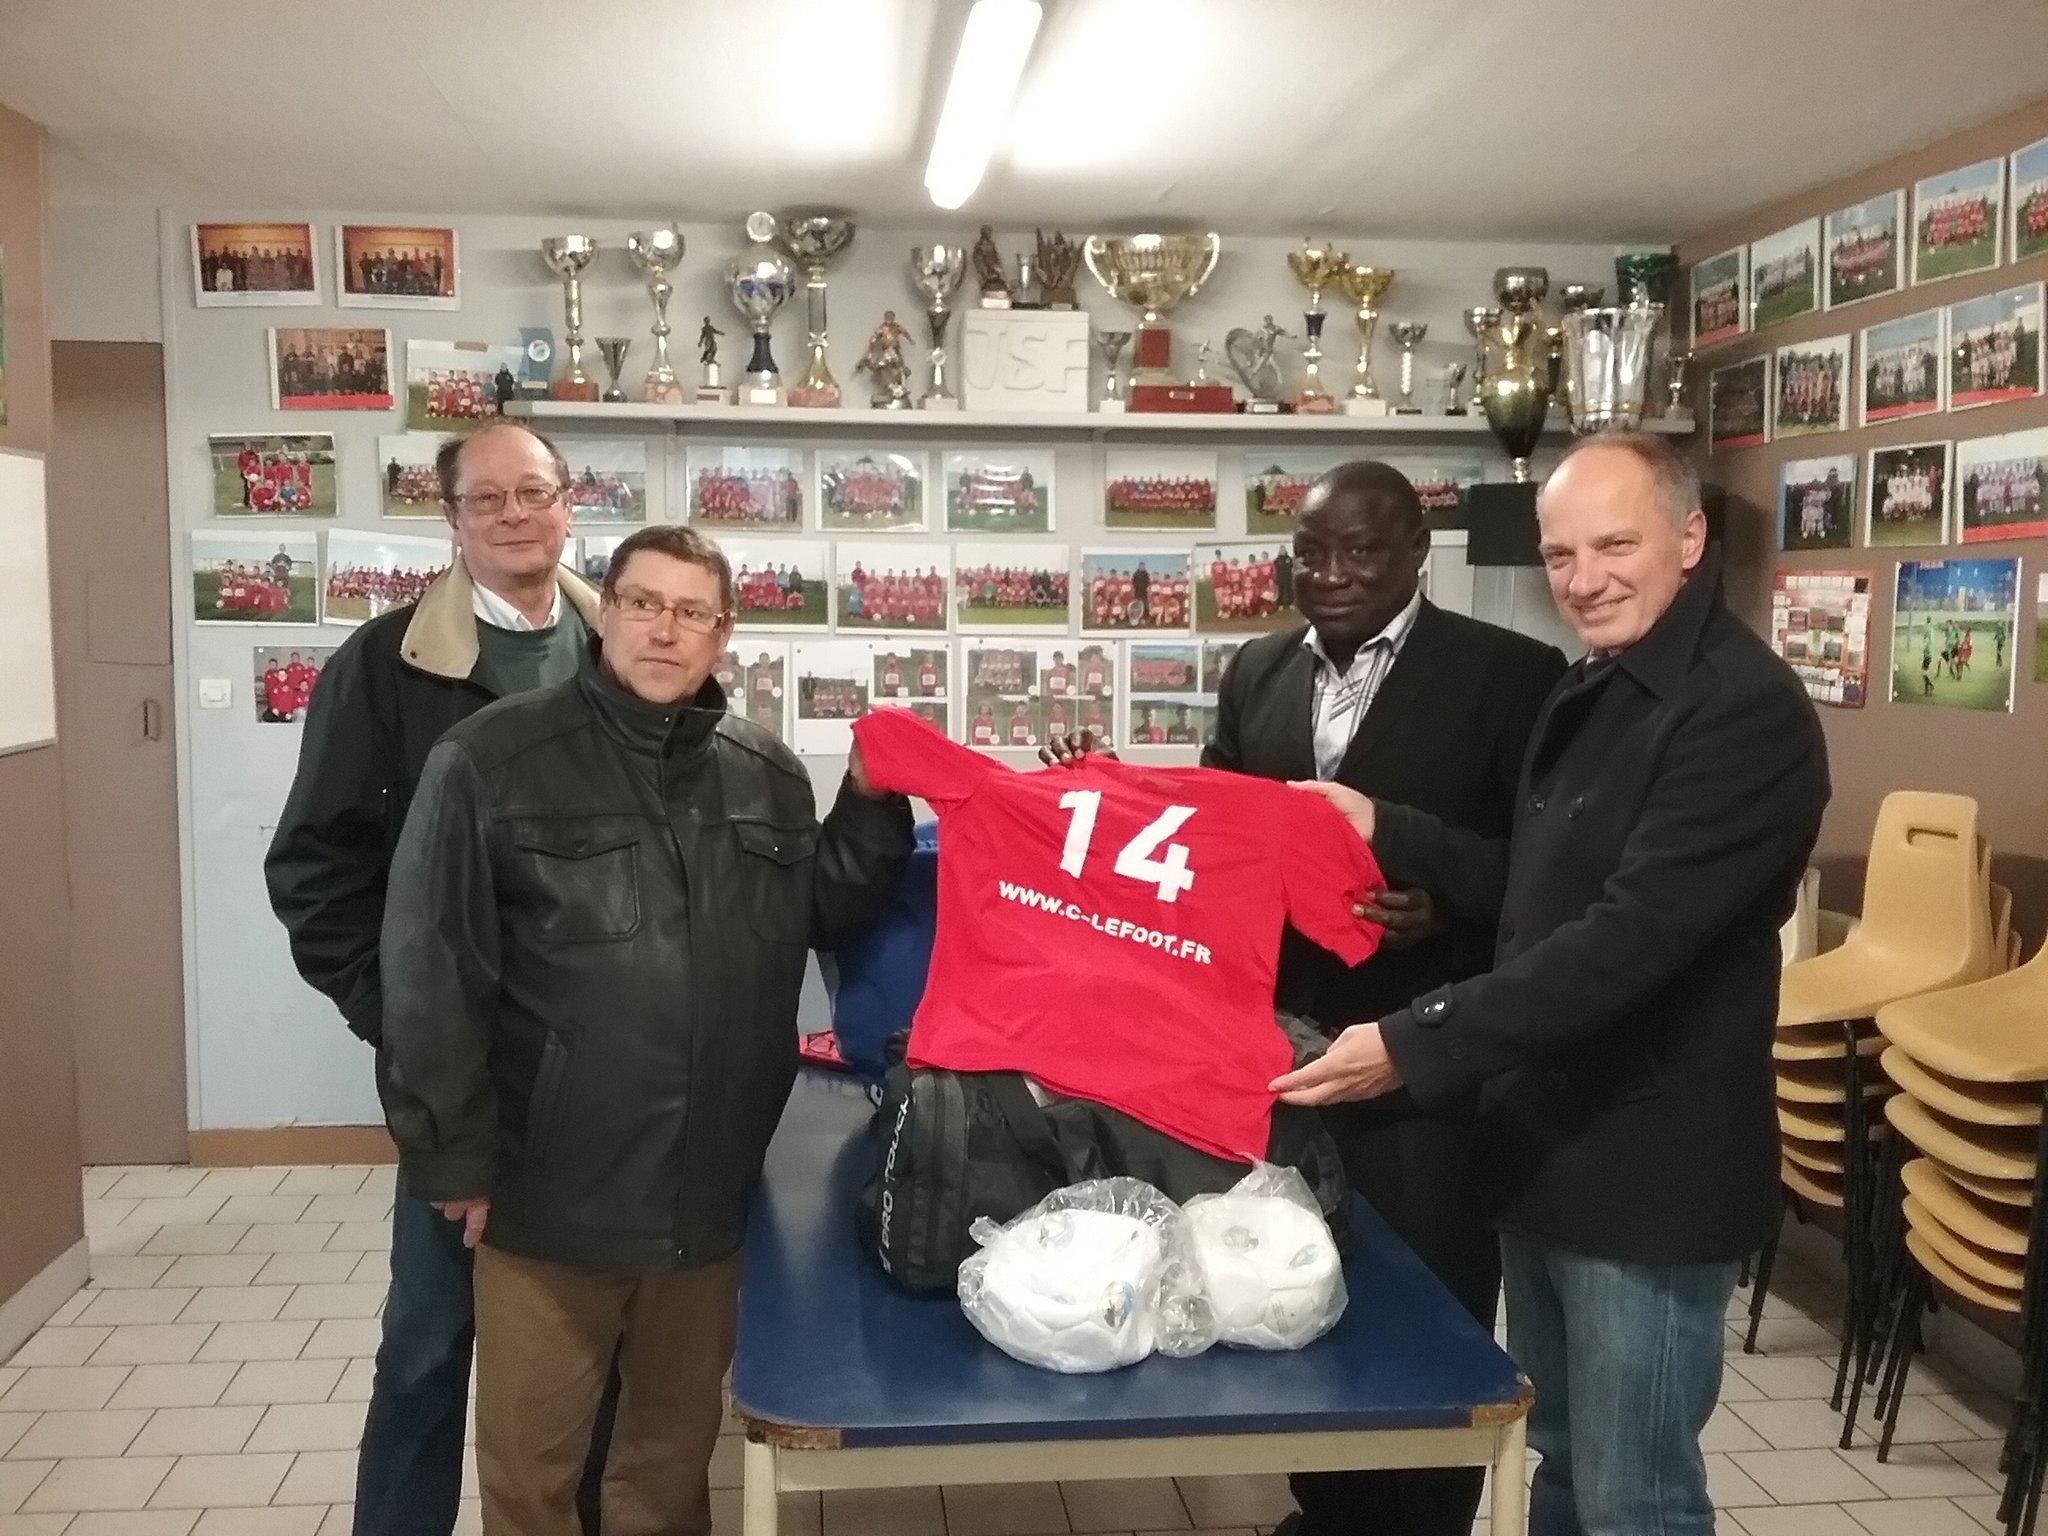 la-remise-de-maillots-et-de-ballons-de-la-jsf-football-au-maire-de-ouonck